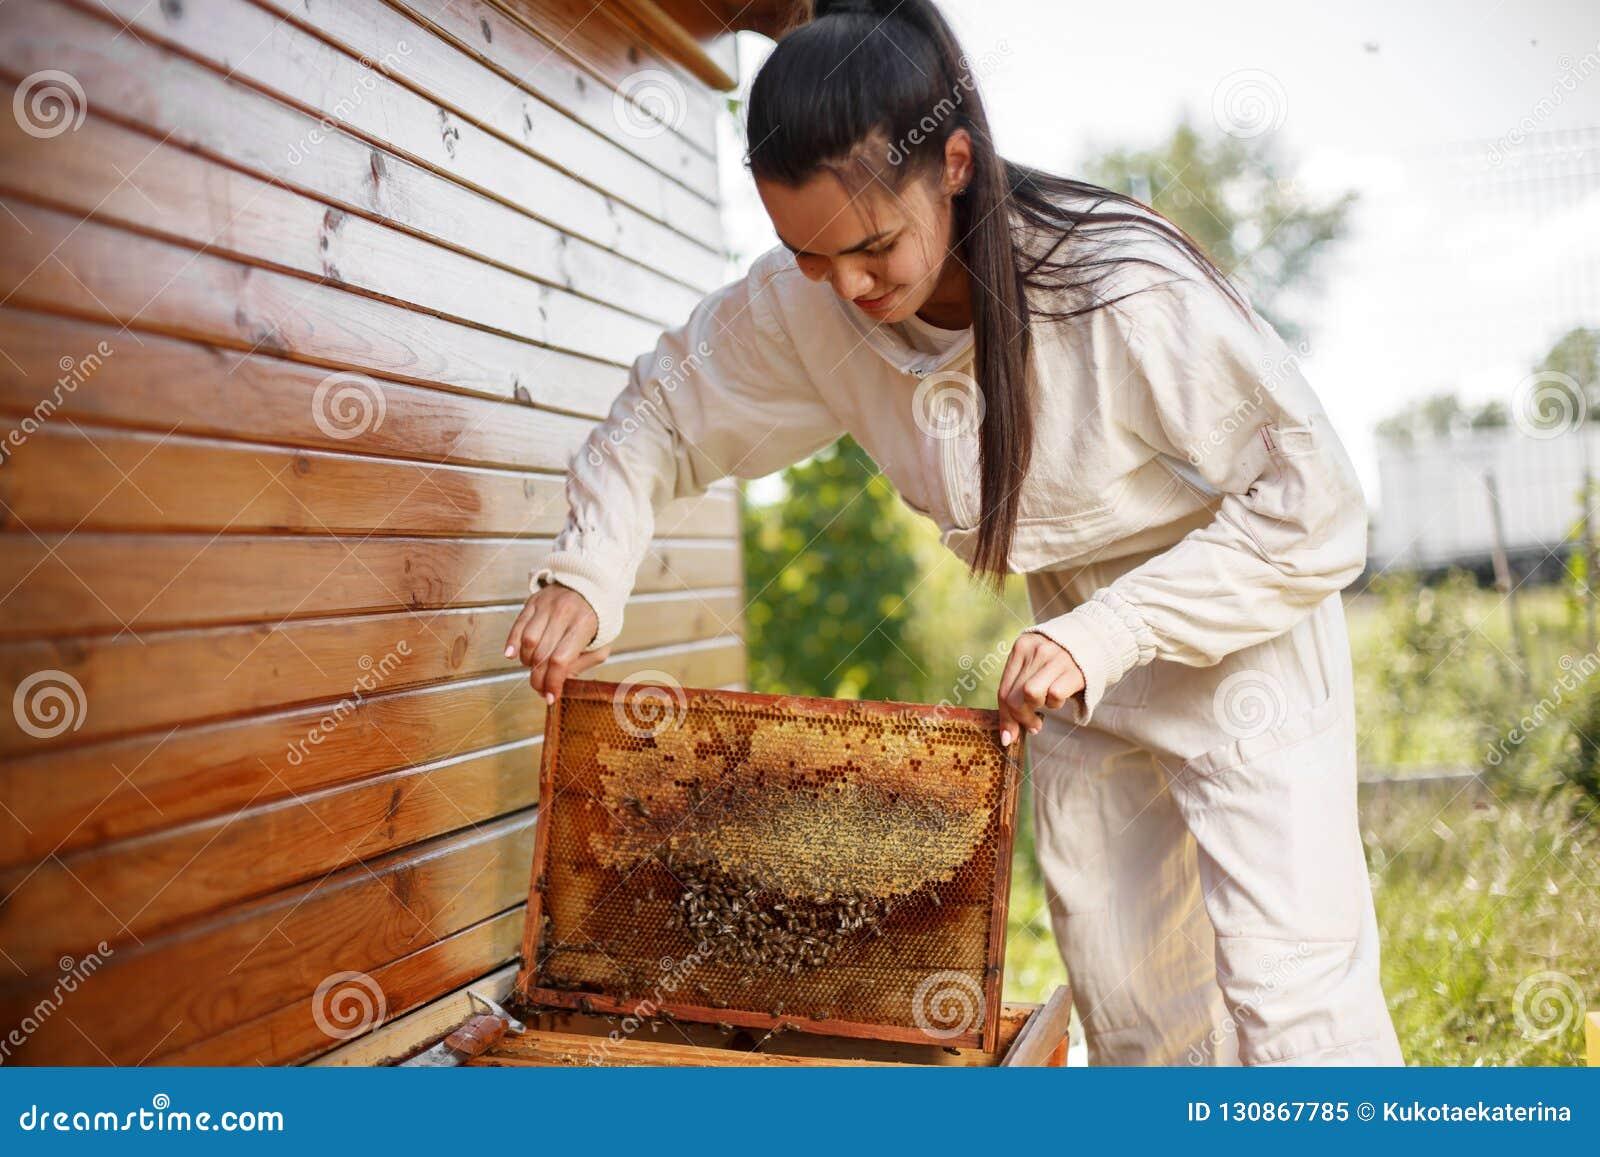 De jonge vrouwelijke imker trekt van de bijenkorf een houten kader met honingraat terug Verzamel honing Imkerijconcept